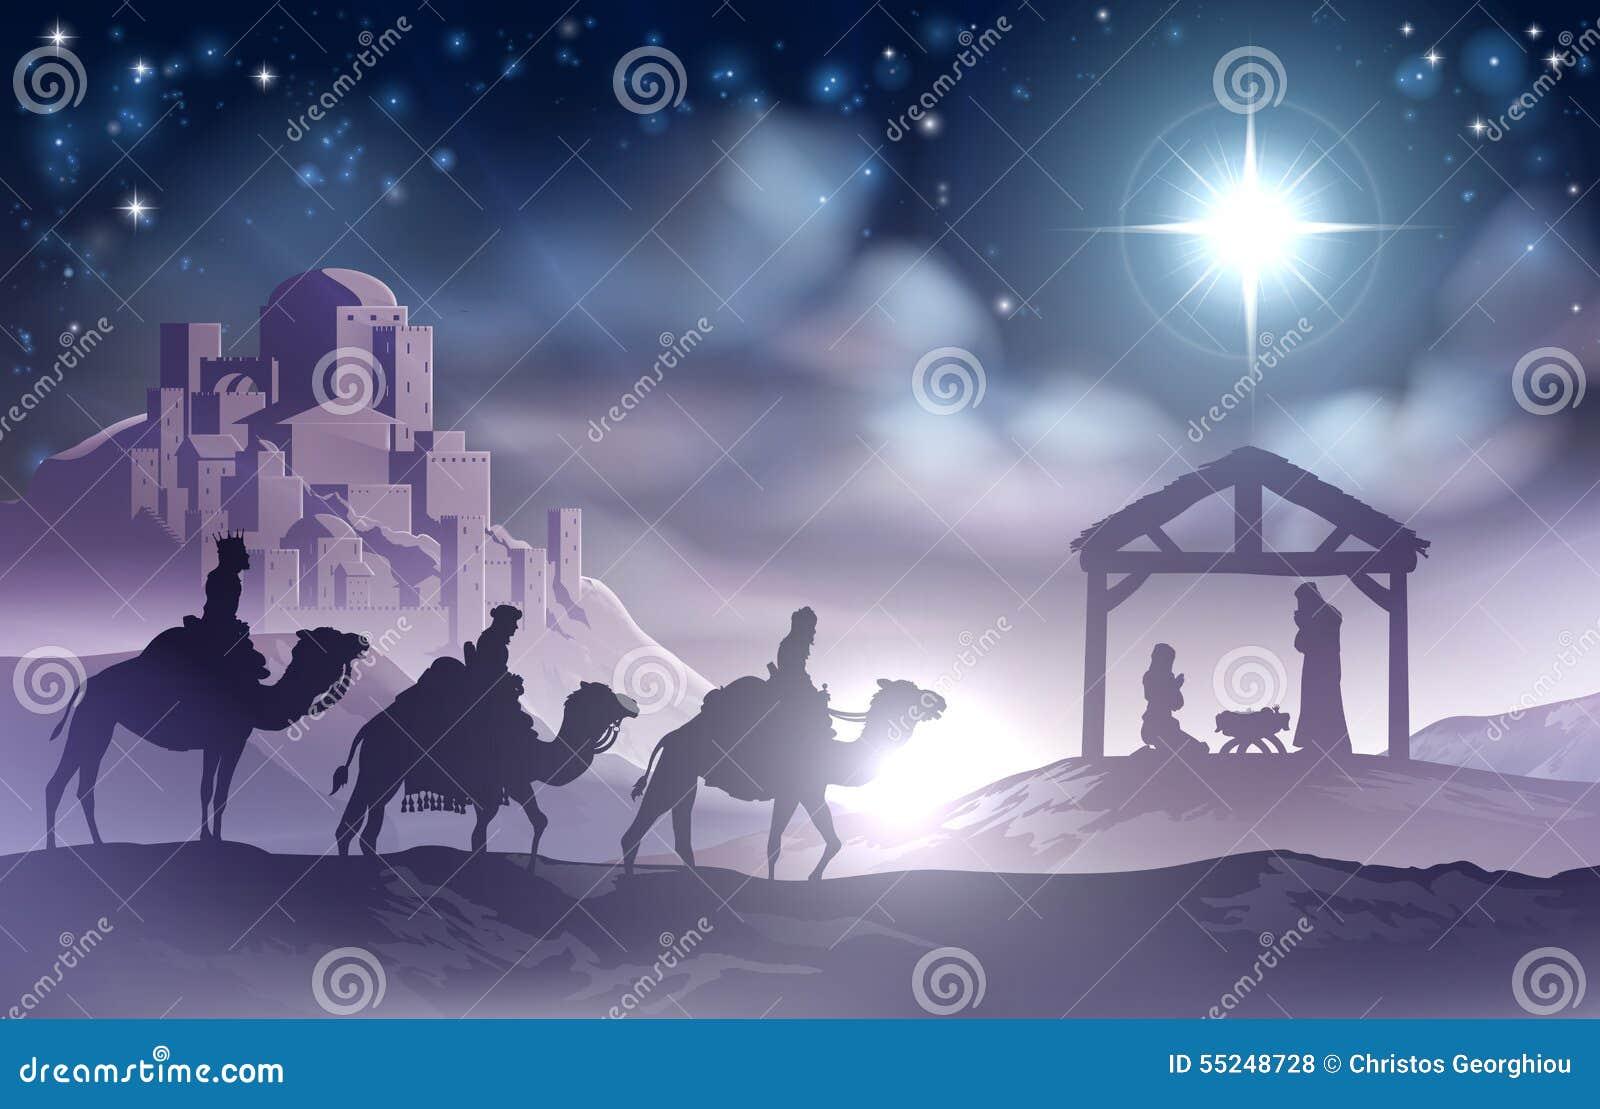 Good Shepherd Images Stock Photos amp Vectors  Shutterstock